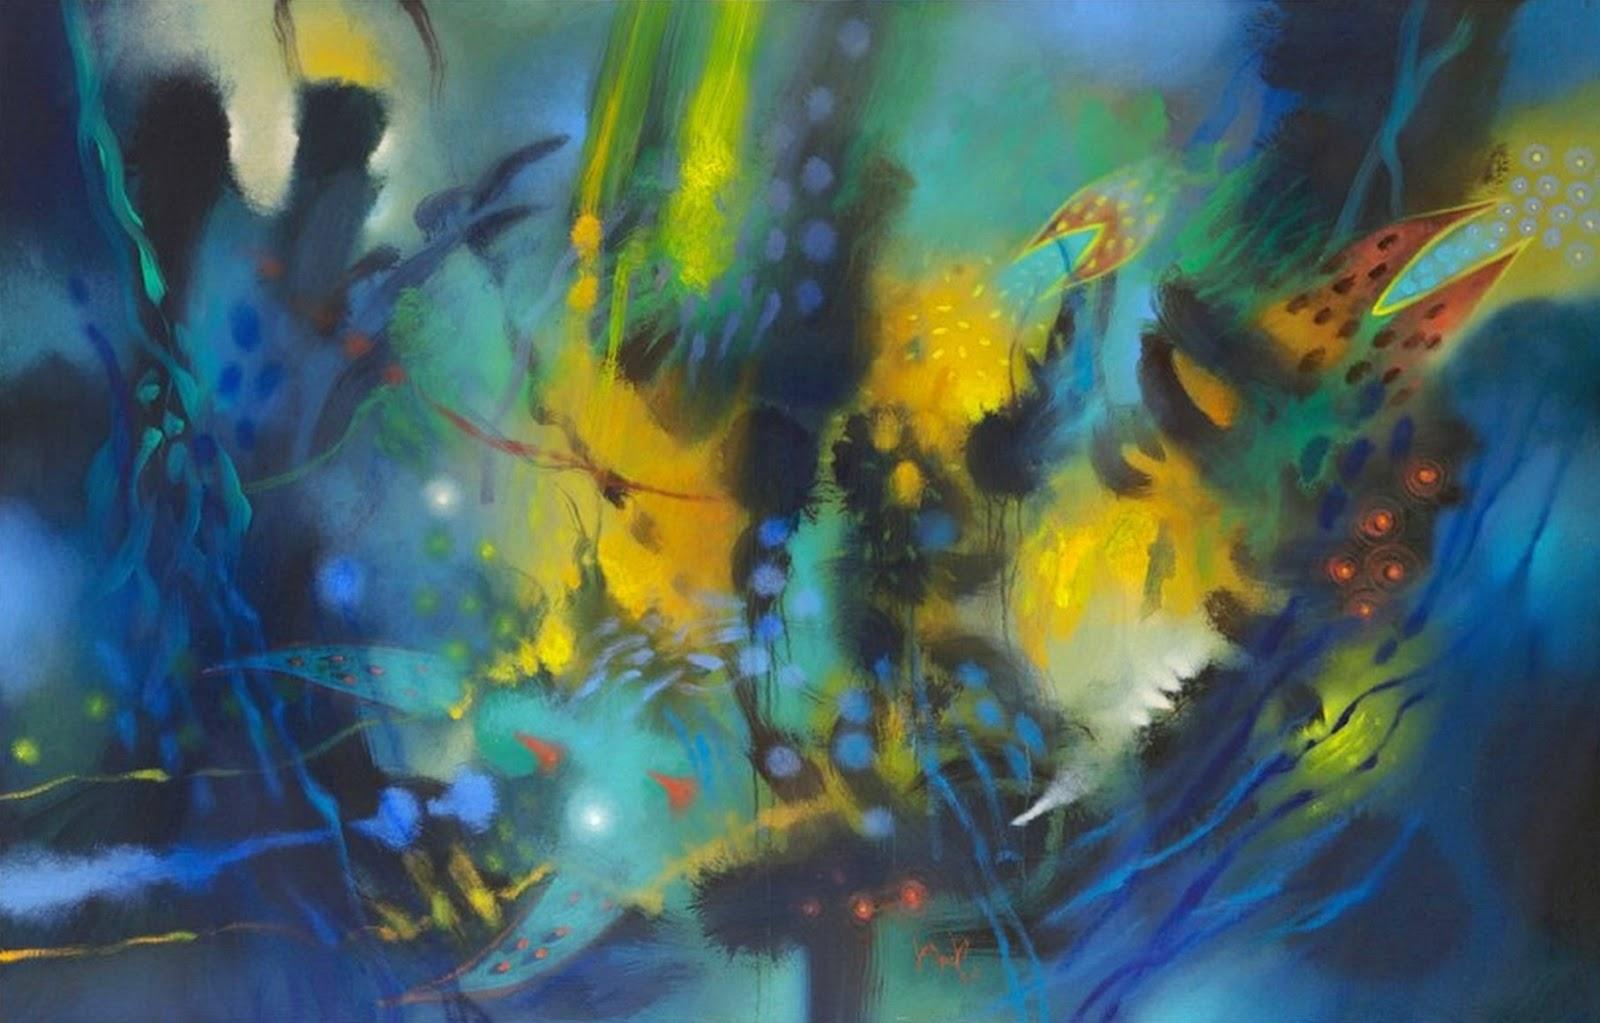 Pintura moderna y fotograf a art stica pinturas for Imagenes de cuadros abstractos faciles